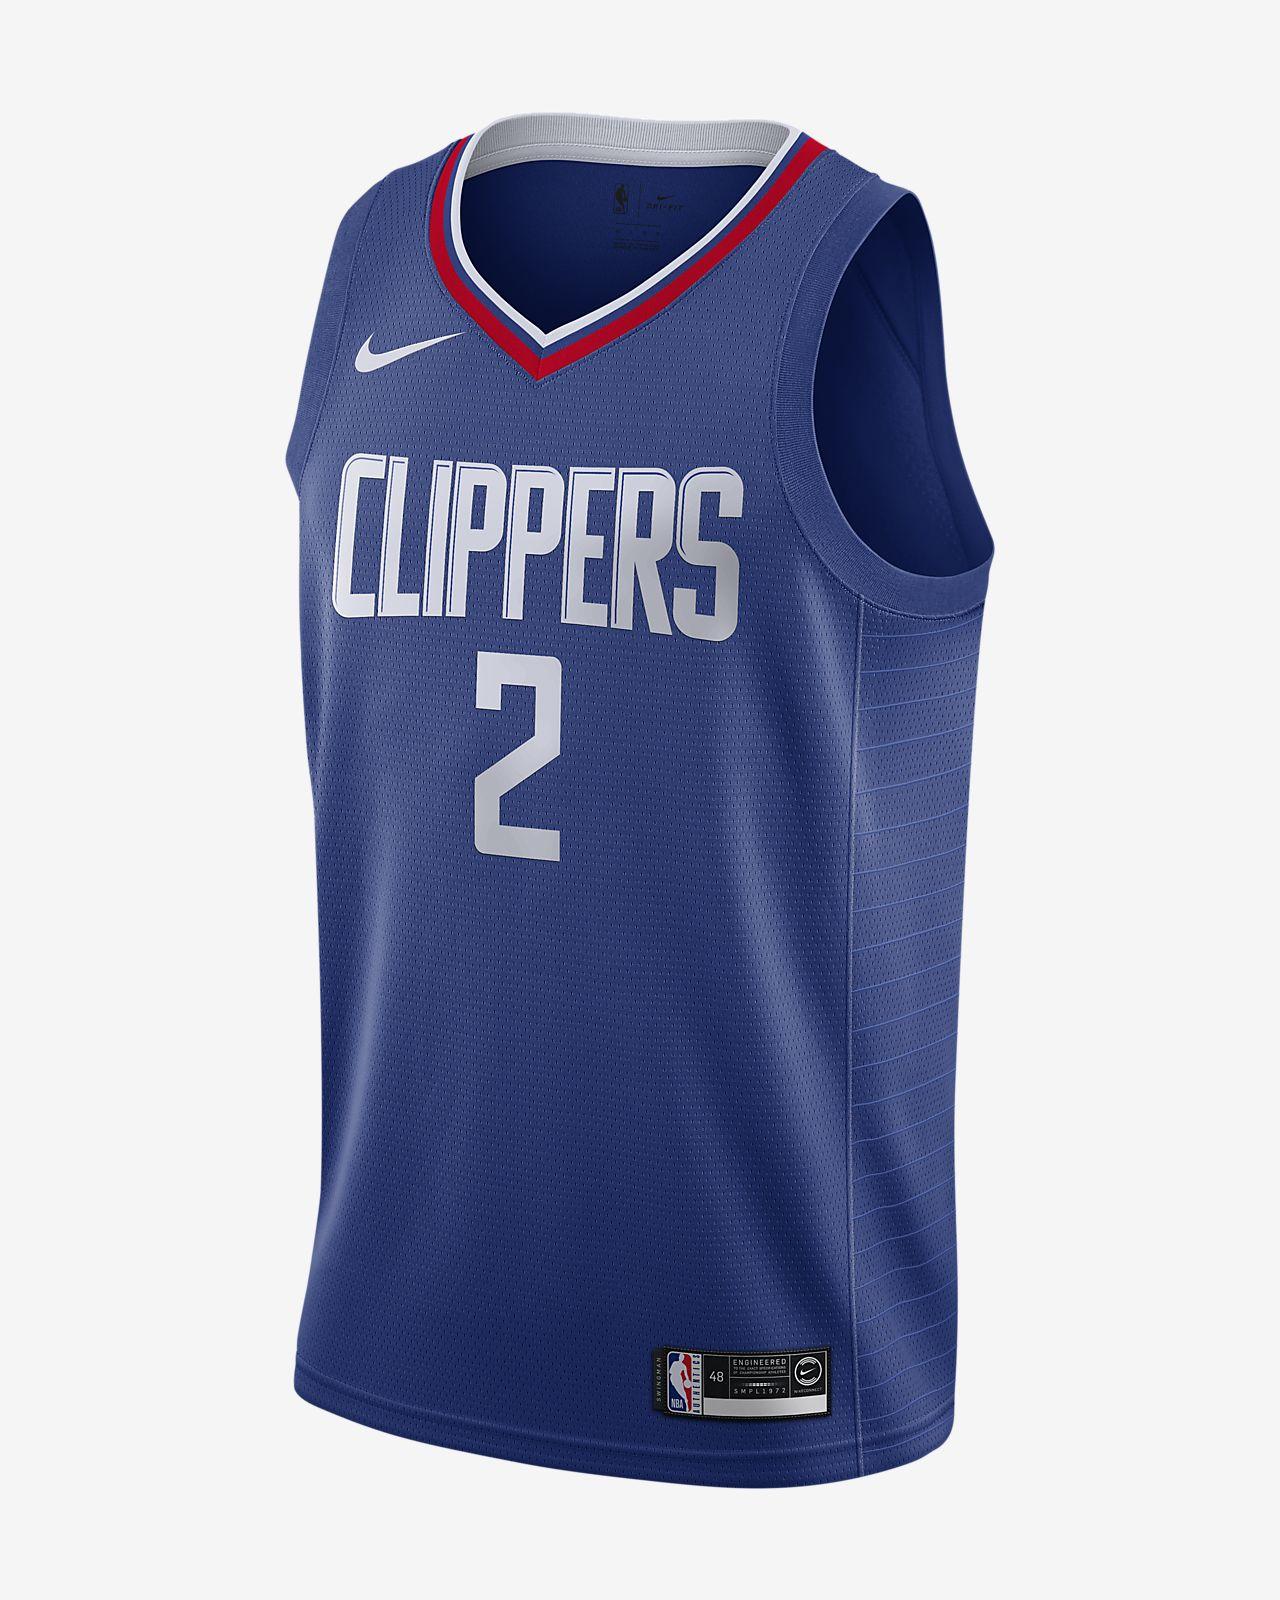 カワイ レナード クリッパーズ アイコン エディション ナイキ NBA スウィングマン ジャージー